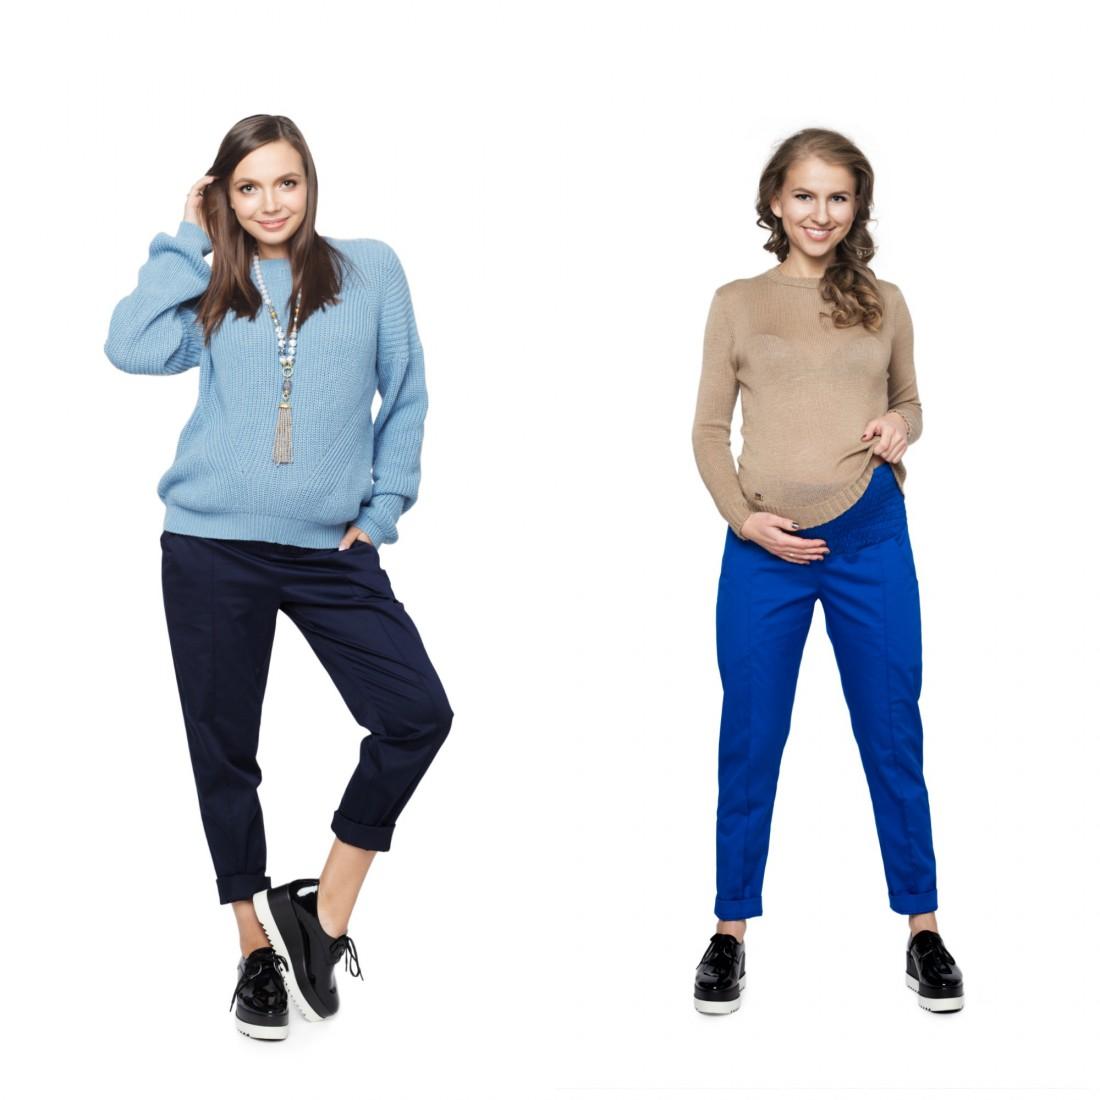 Базовый гардероб для беременной: брюки